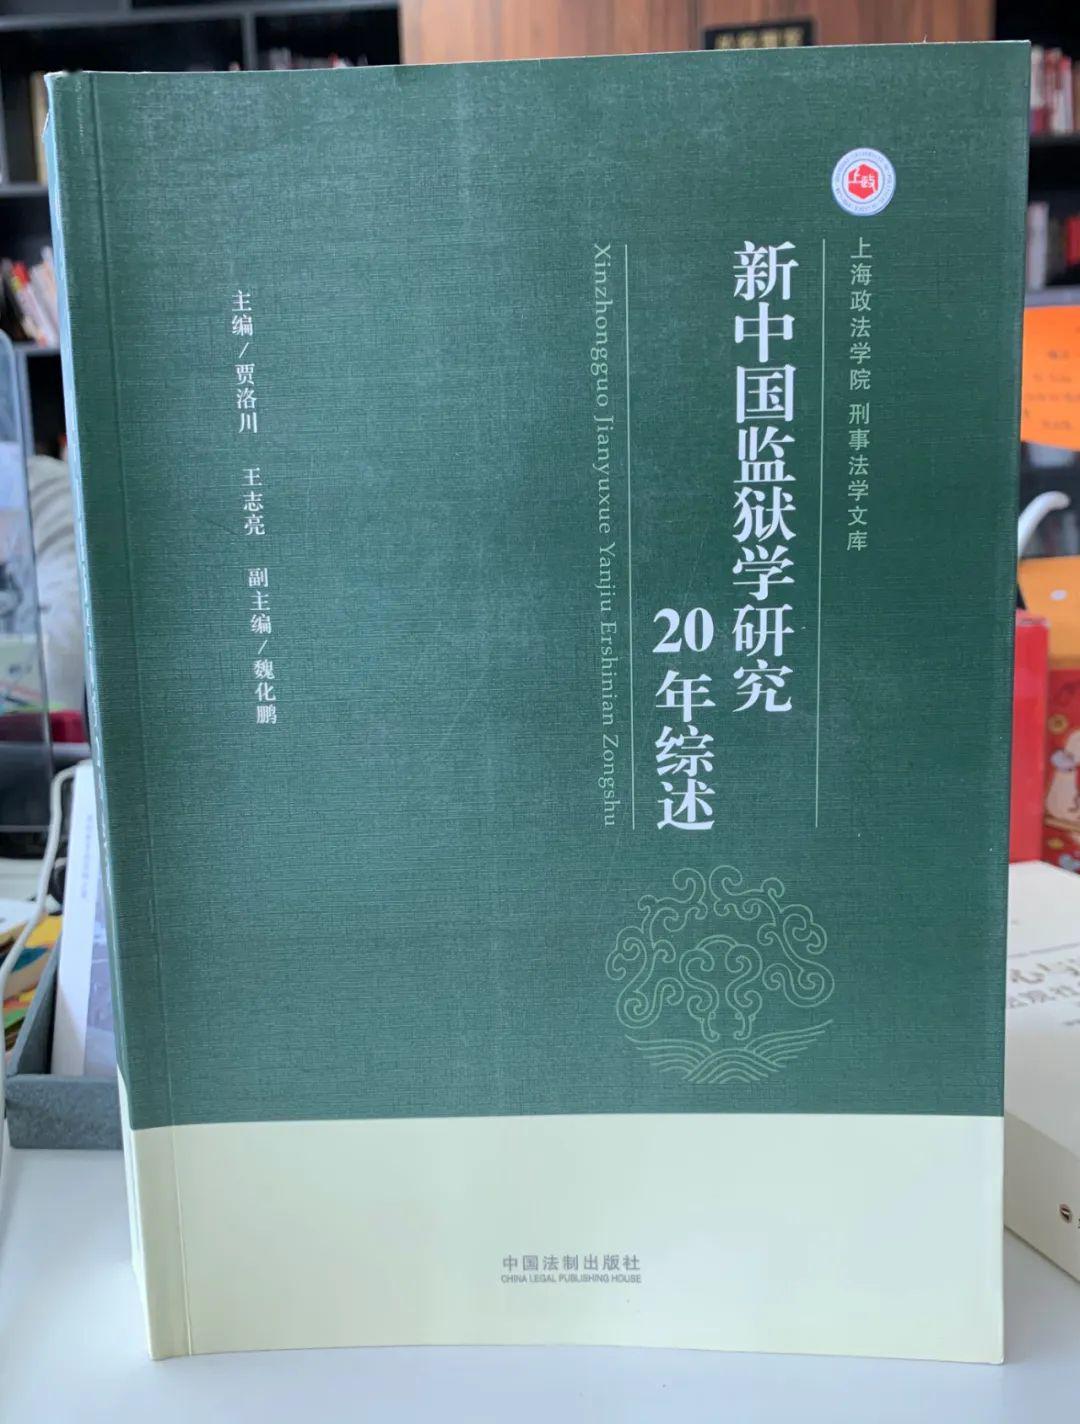 《新中国监狱学研究20年综述》